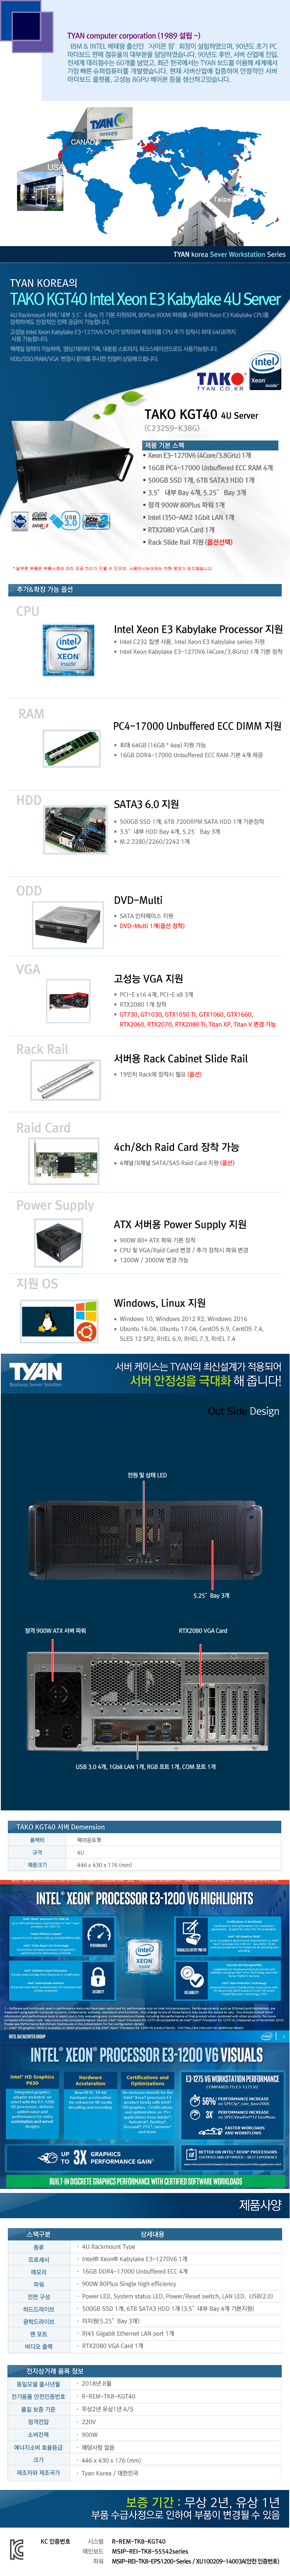 TYAN  TAKO-KGT40-(C232S9-K38G)-RTX2080(64GB, SSD 500GB + 6TB)